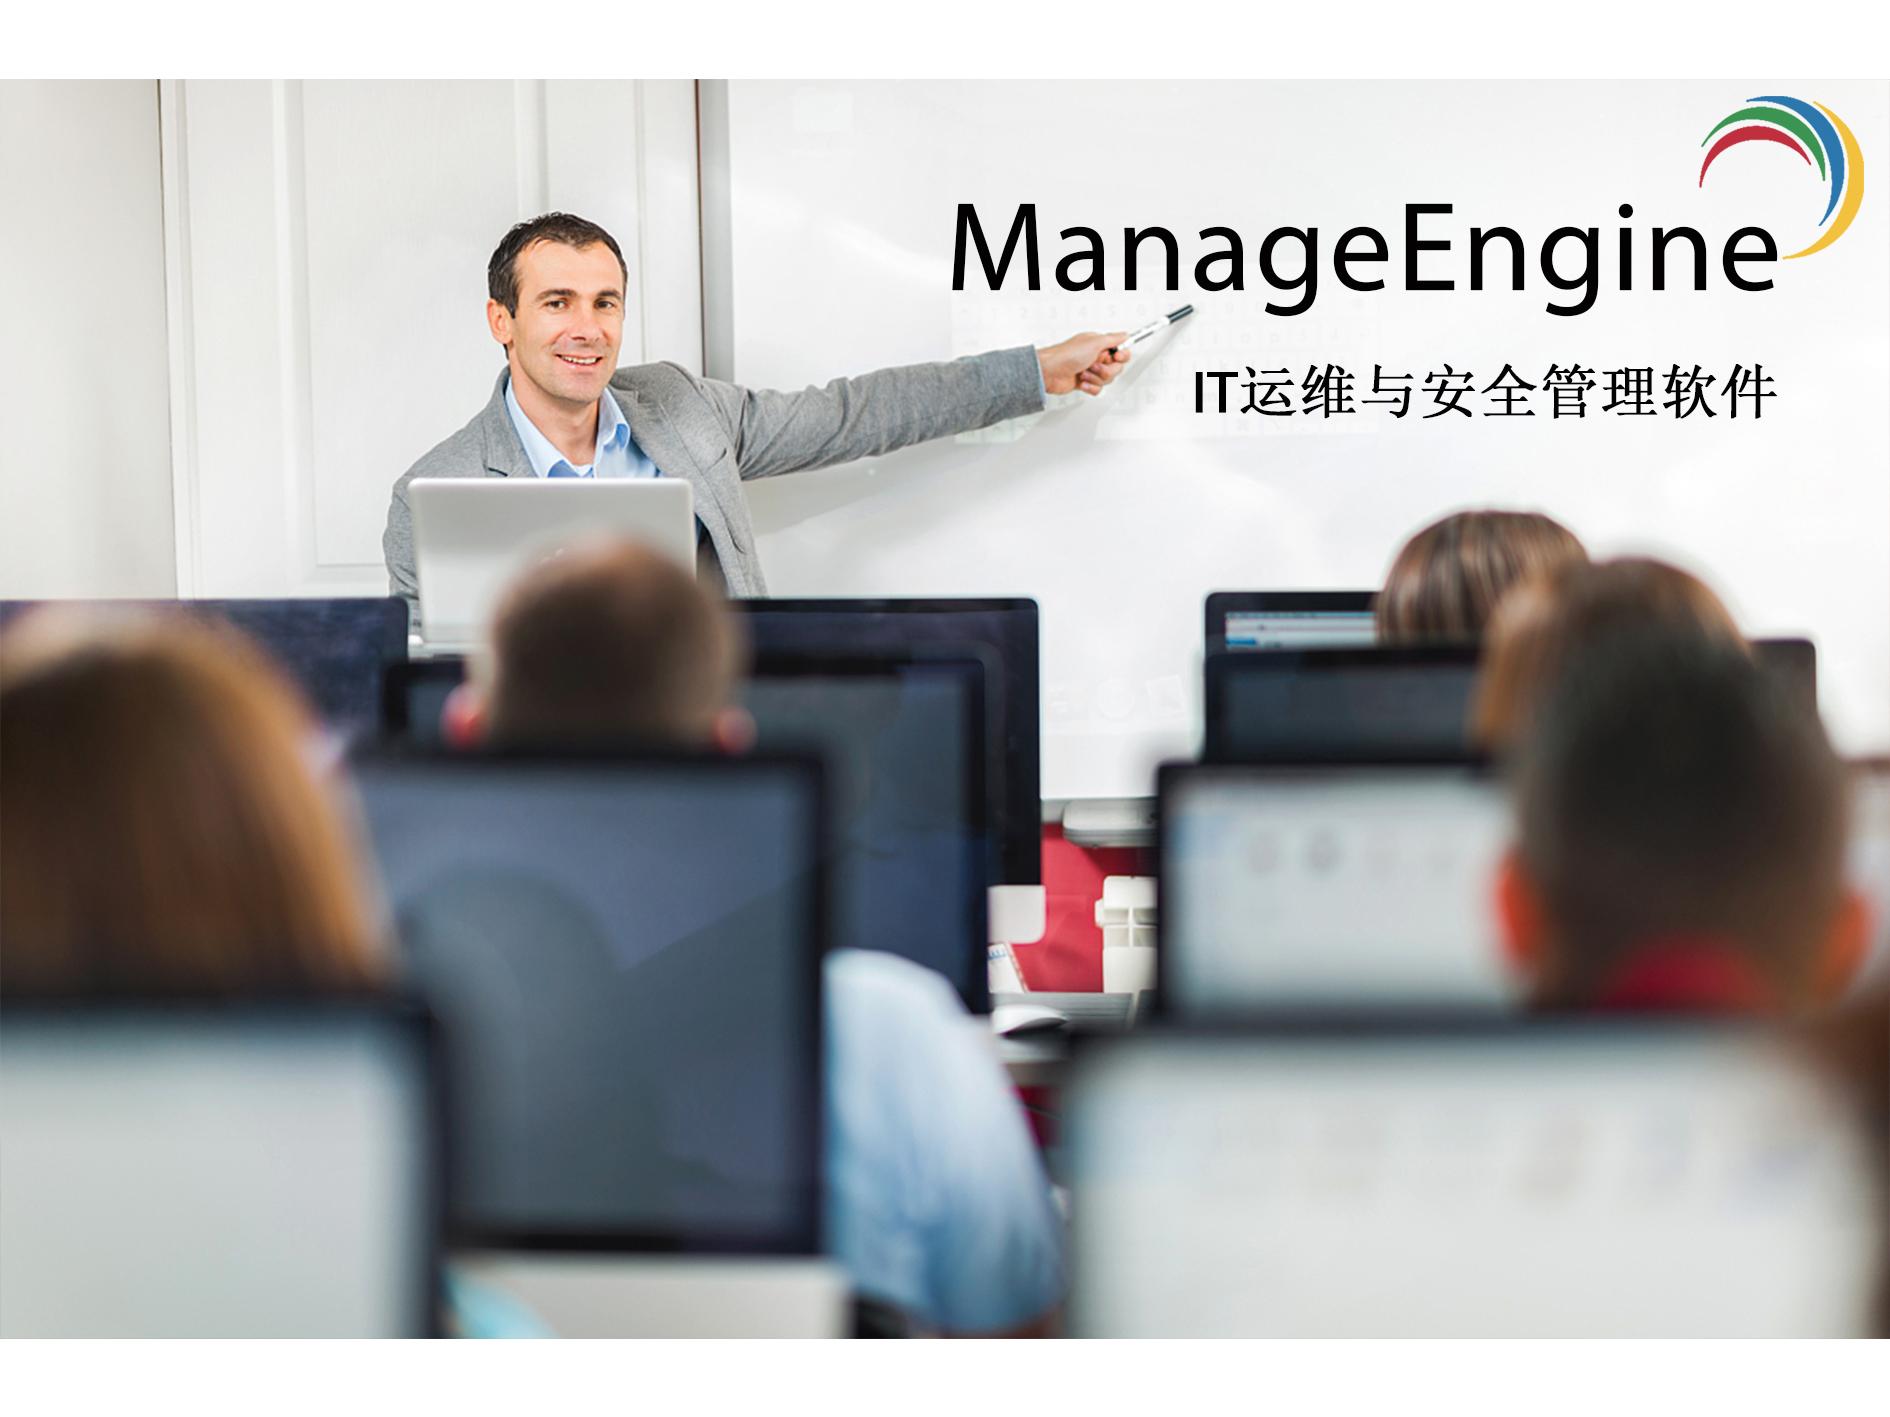 IT运维一体化管理平台- ManageEngine IT服务管理